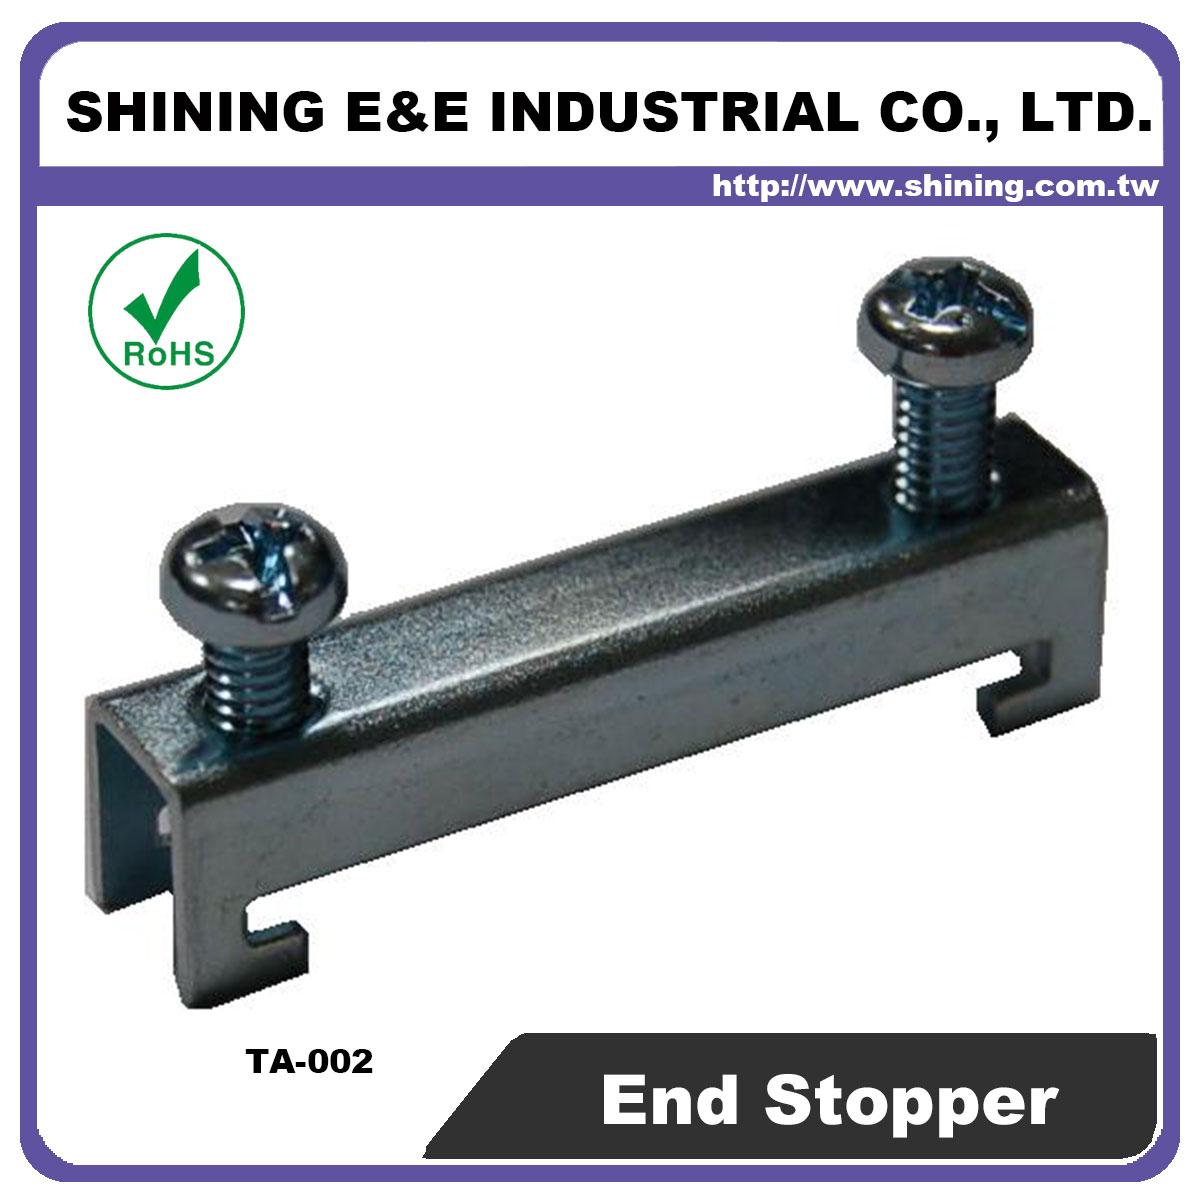 TA-002 Steel End Bracket For 35mm Din Mounting Rail - TA-002 35mm Steel End Bracket